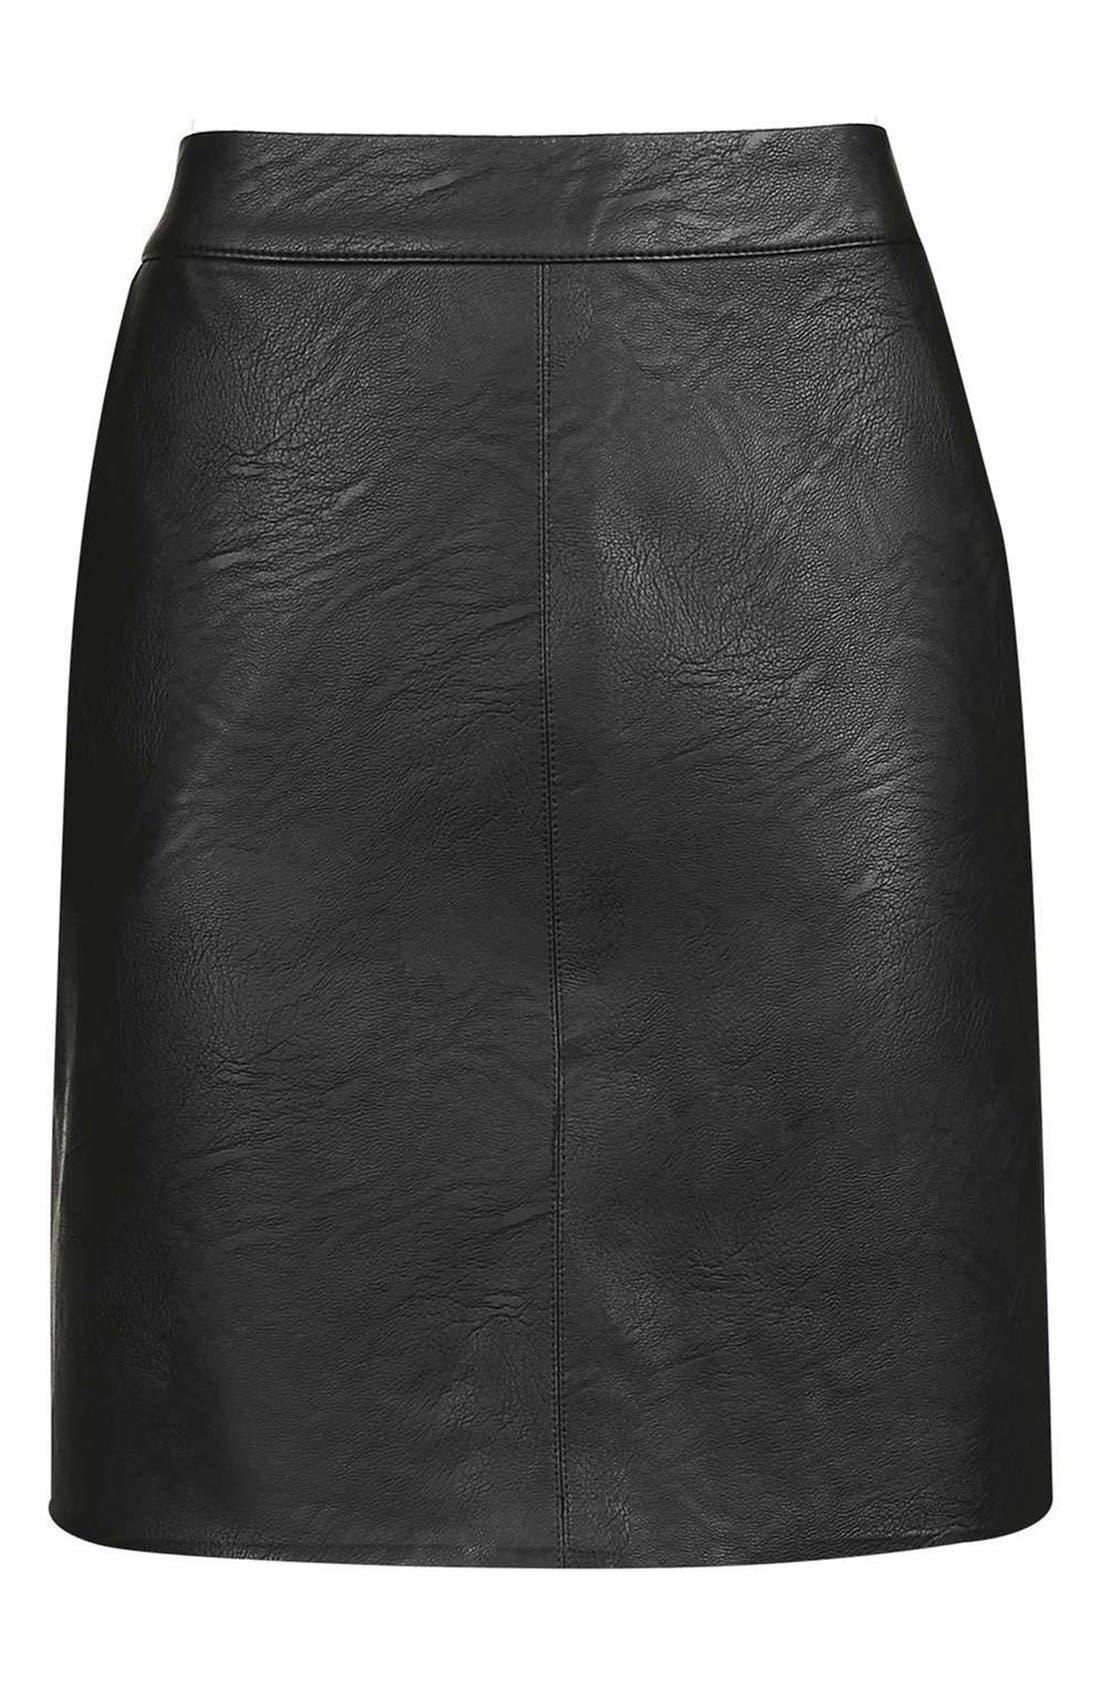 TOPSHOP, Faux Leather Pencil Skirt, Alternate thumbnail 4, color, 001